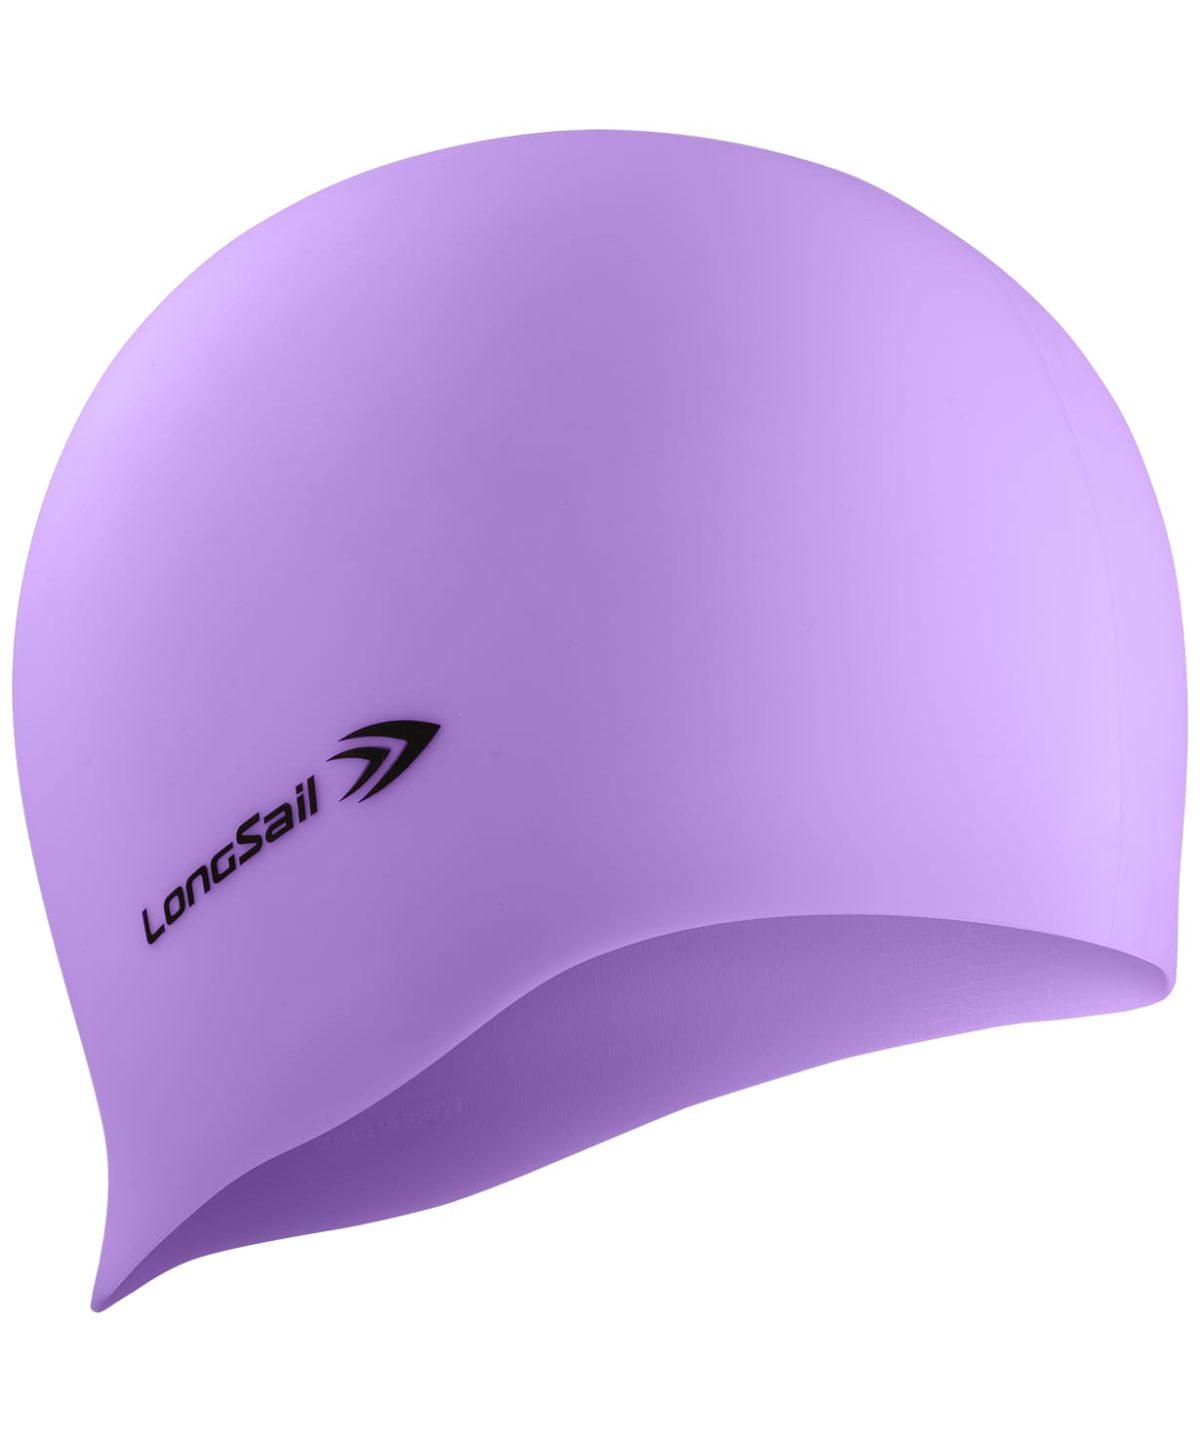 LONGSAIL  Шапочка для плавания силикон: сиреневый - 1